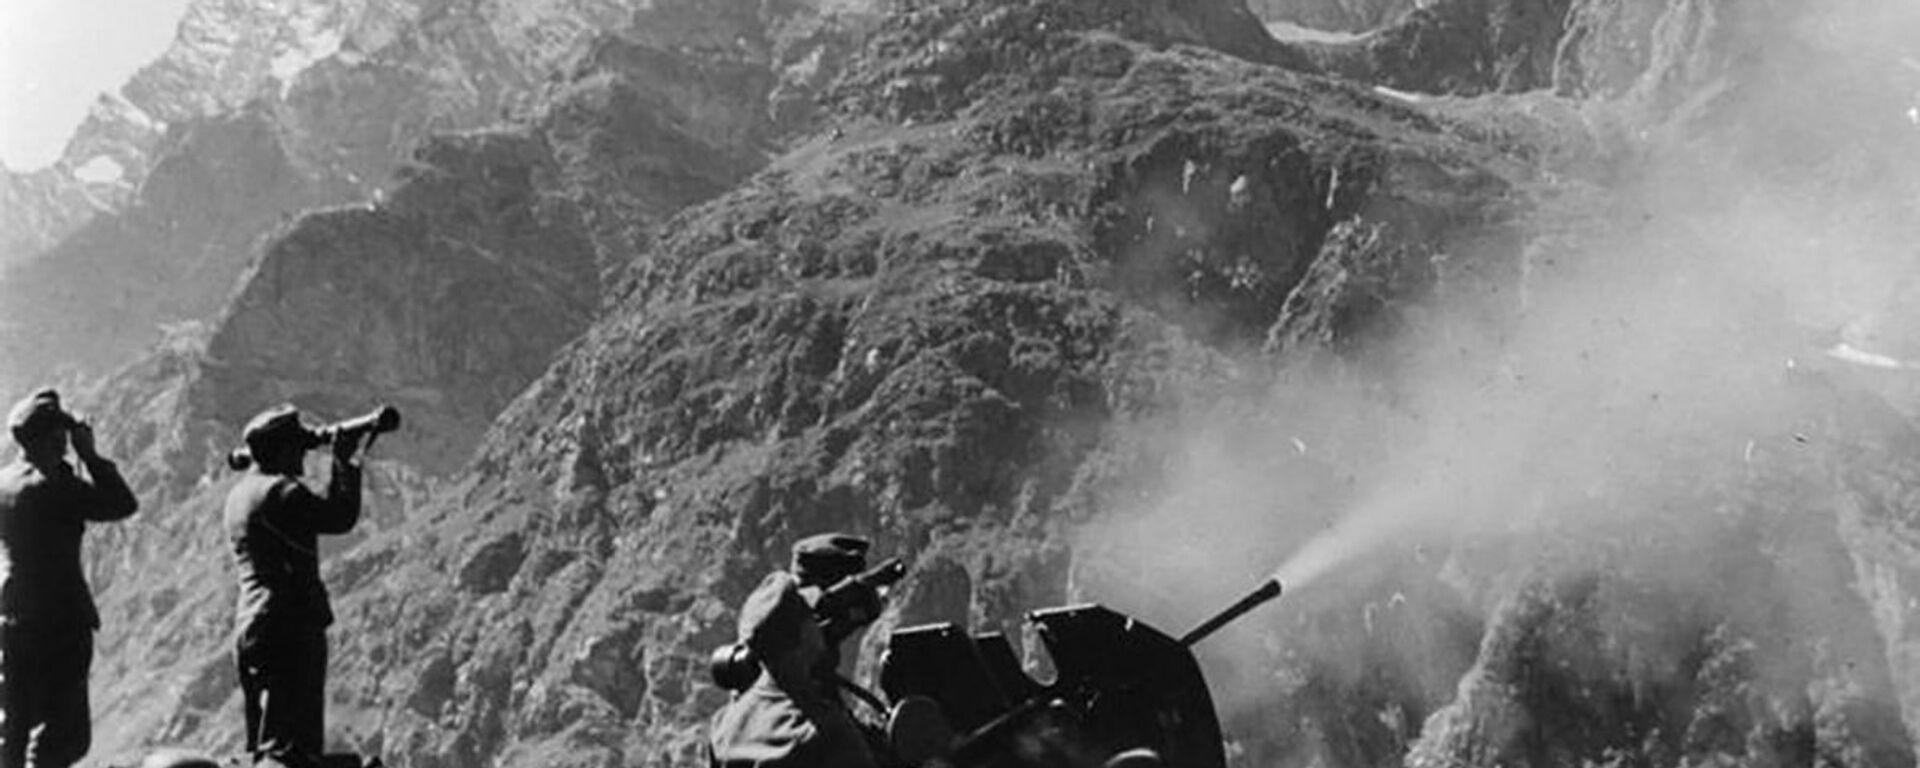 Letní ofenzíva slovenské armády na SSSR, 24. srpna 1942 - Sputnik Česká republika, 1920, 22.06.2021